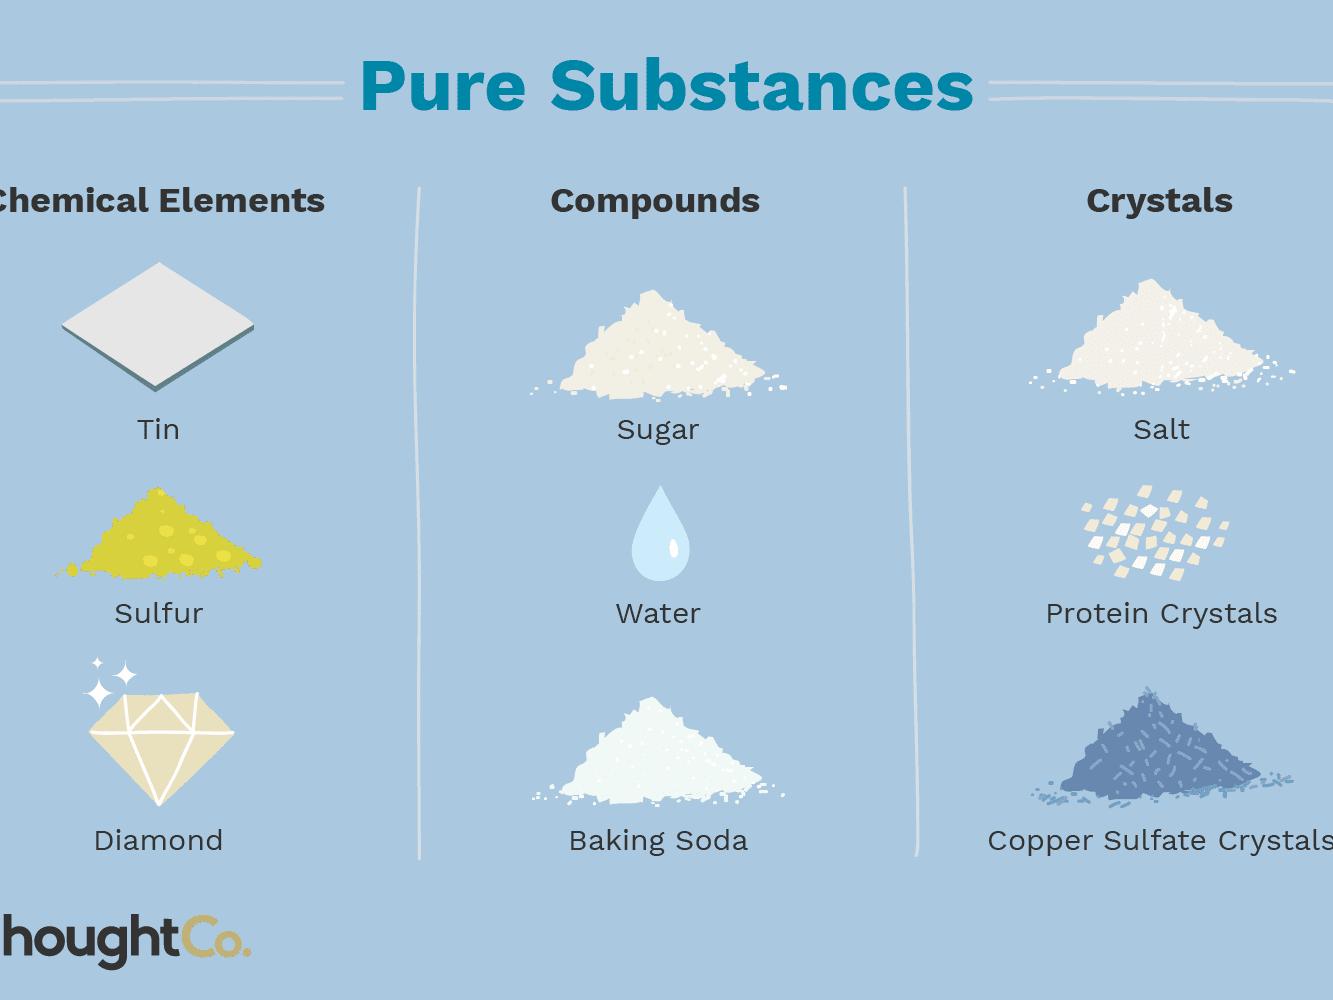 Pure substances.